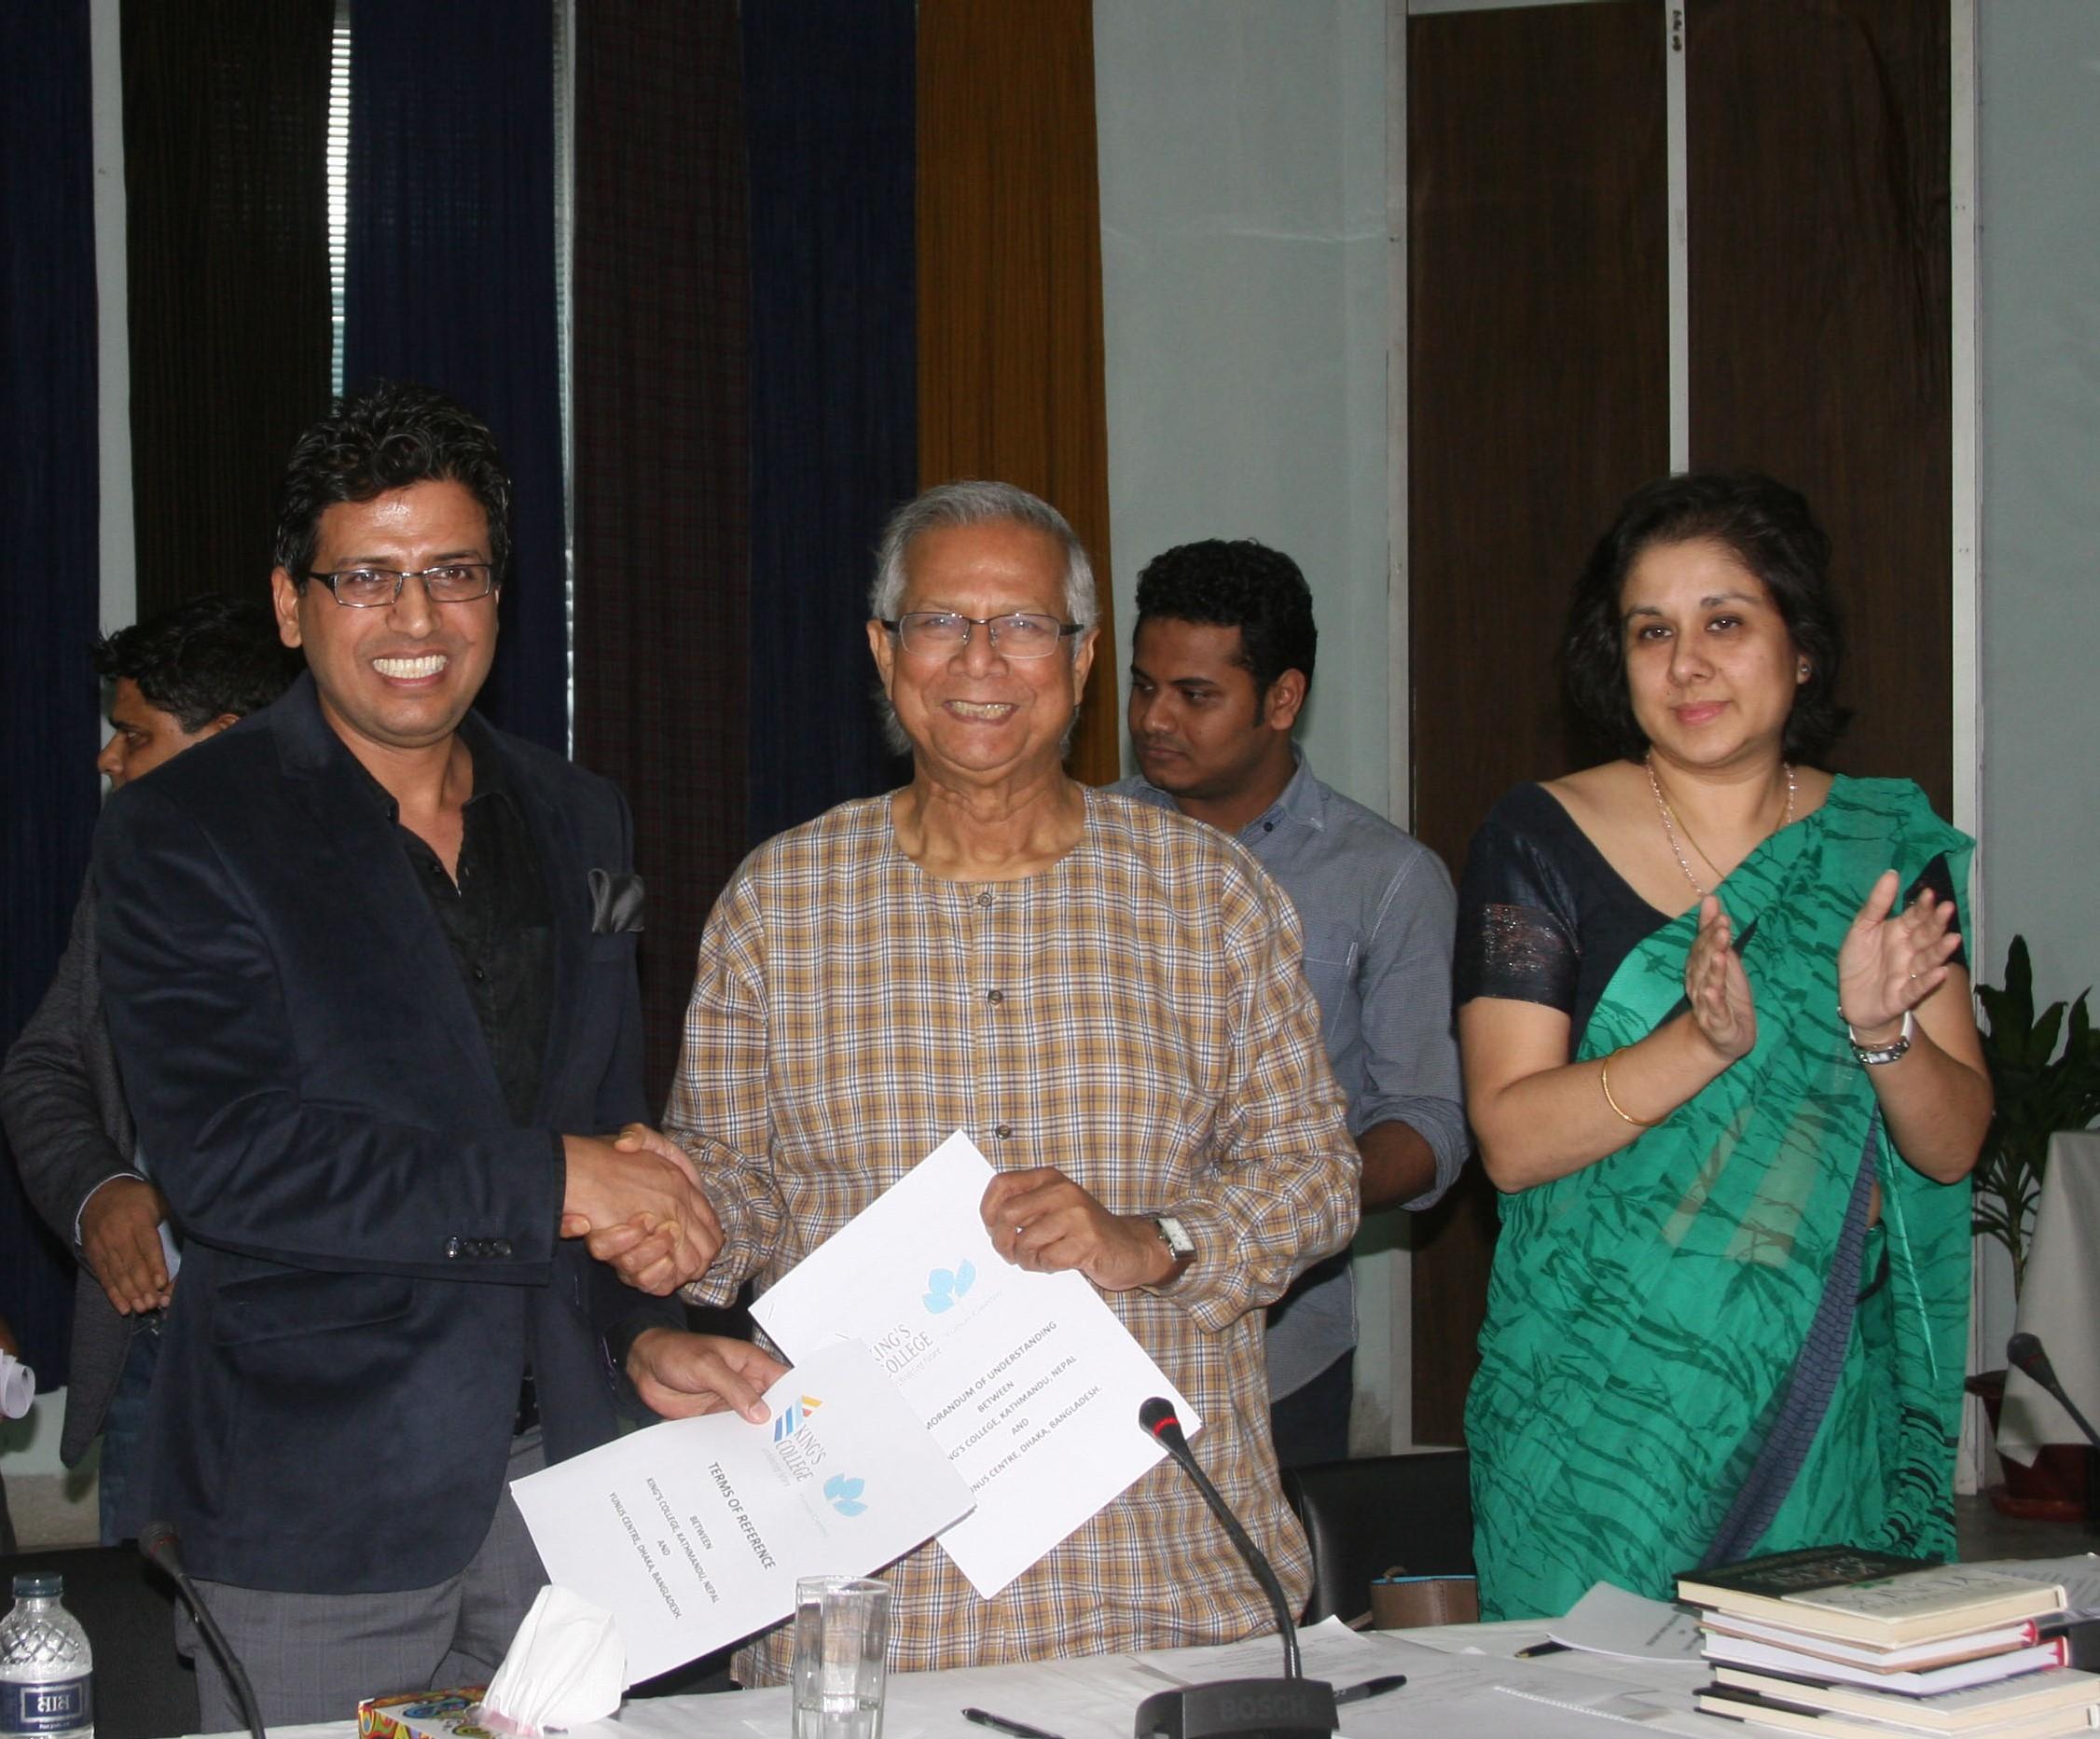 किङ्स कलेजले नेपालमा 'युनुस सामाजिक उद्यमशिलता केन्द्र' स्थापना गर्ने